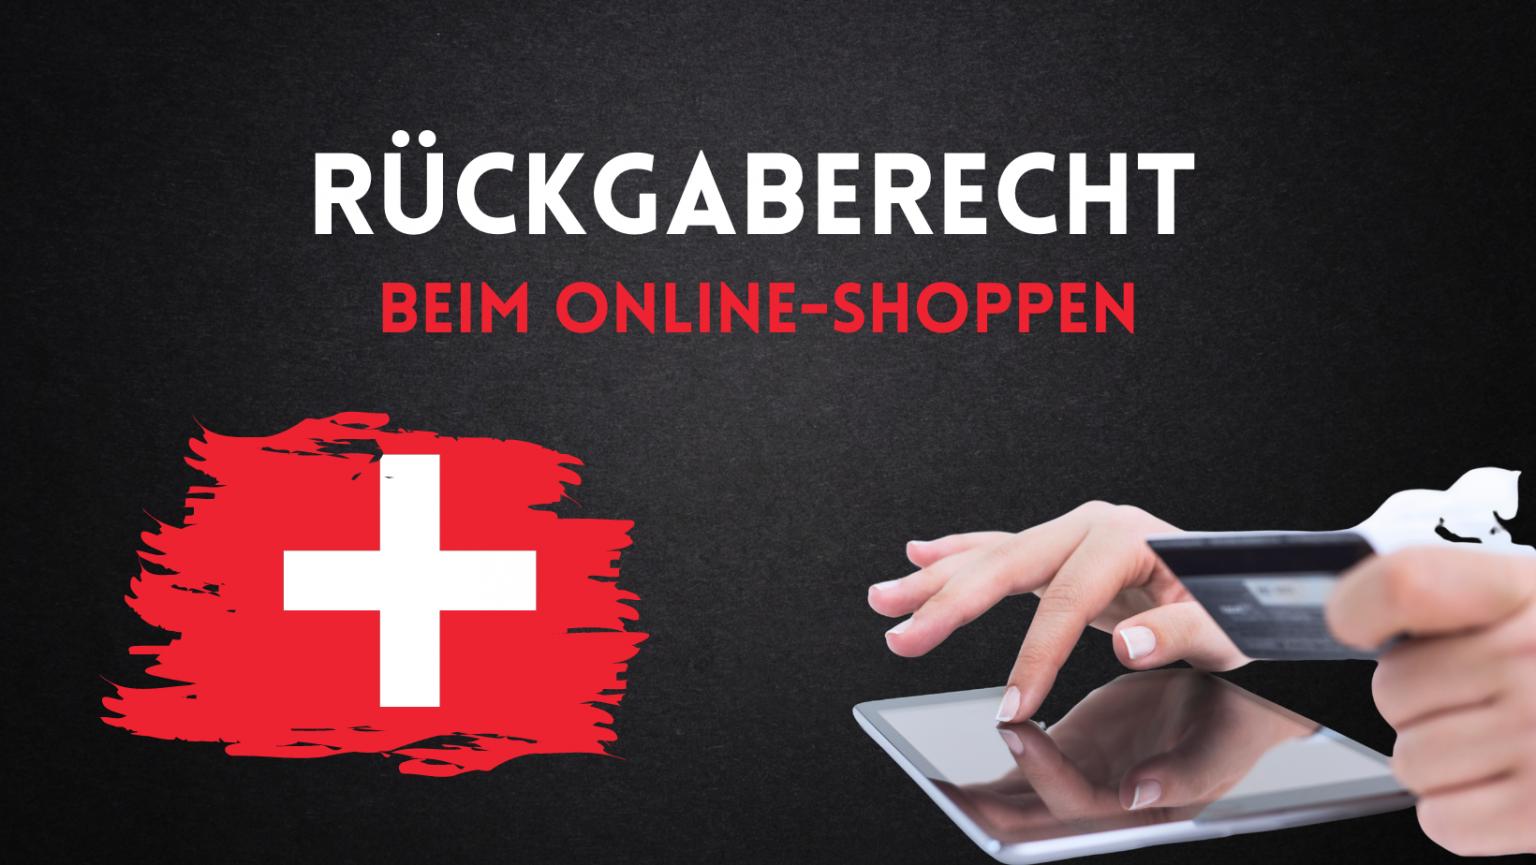 Gratis SMS schreiben & versenden ohne Anmeldung Schweiz, Welt